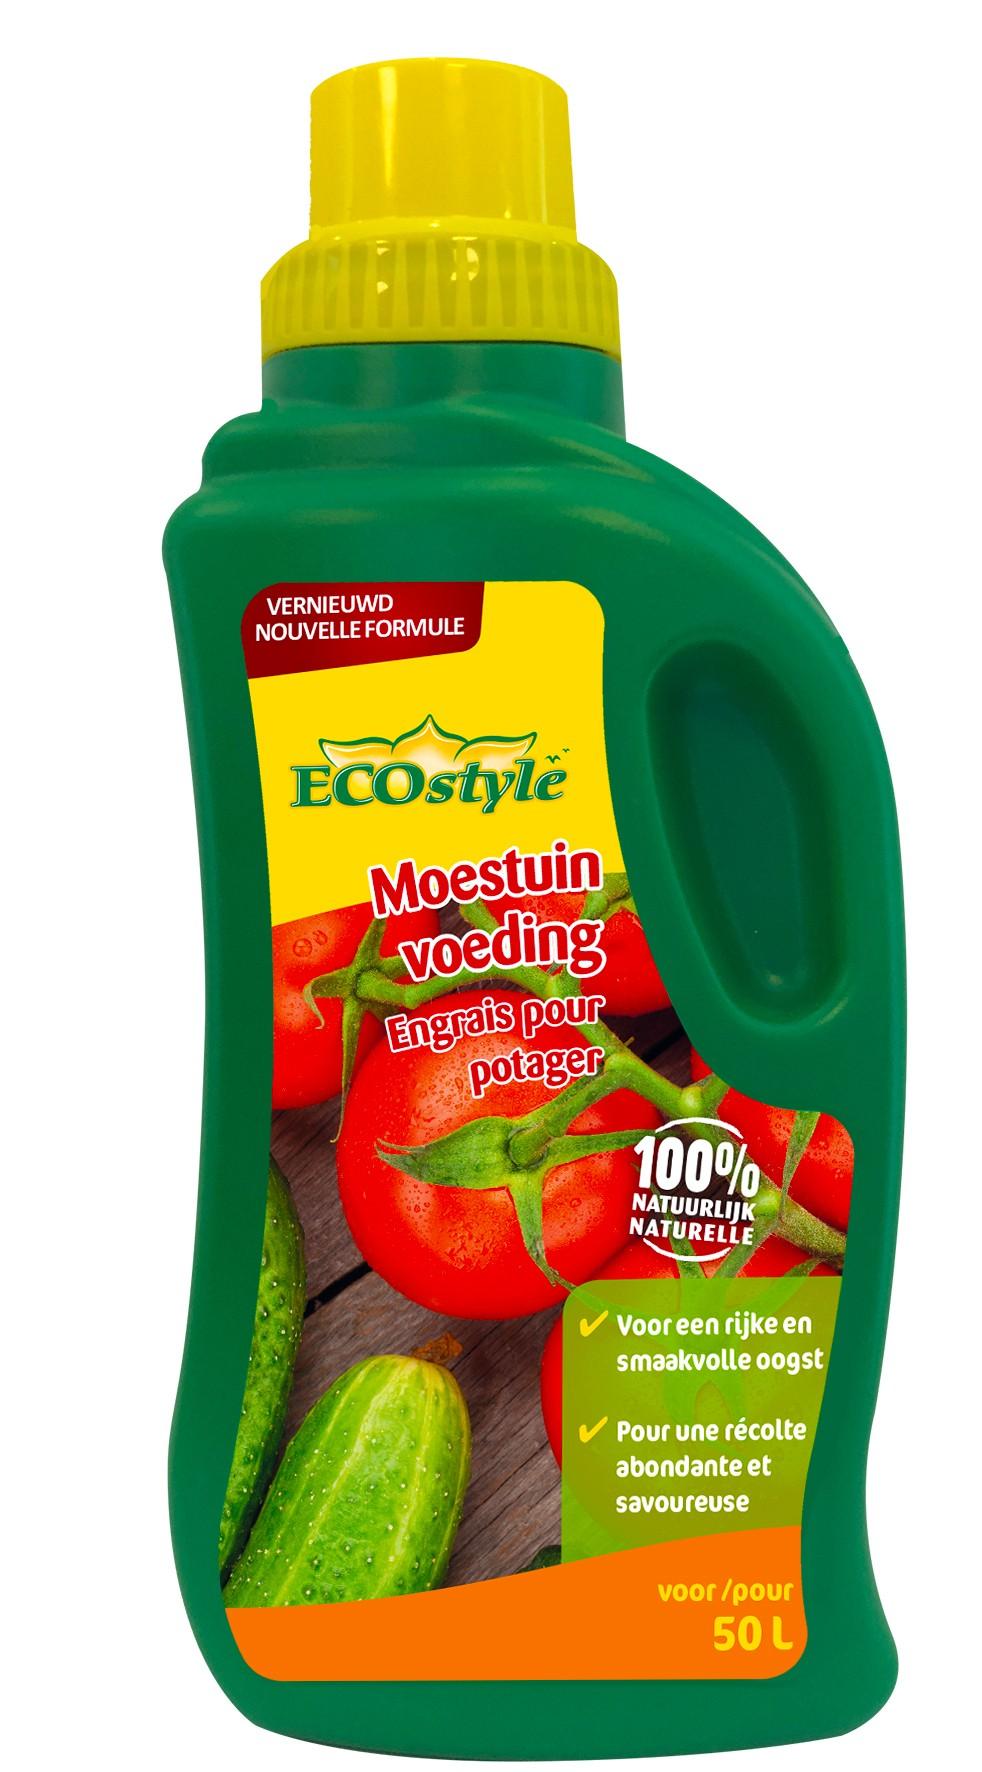 Moestuin voeding 500 ml